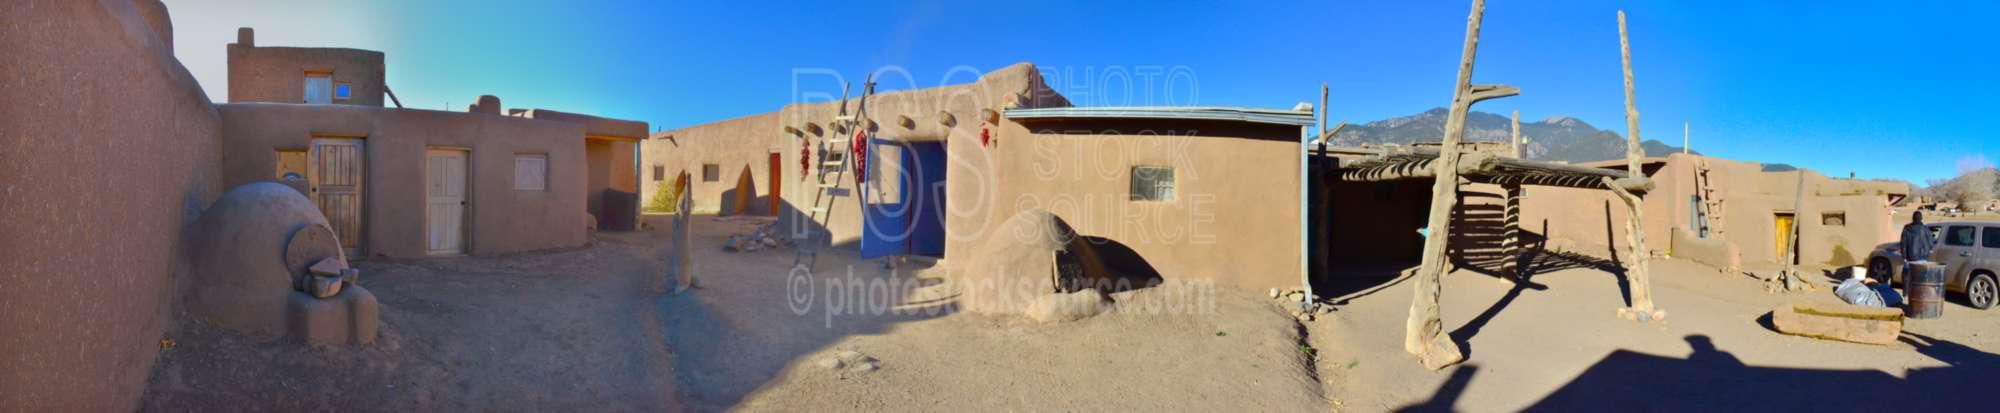 Taos Pueblo Beehive Oven